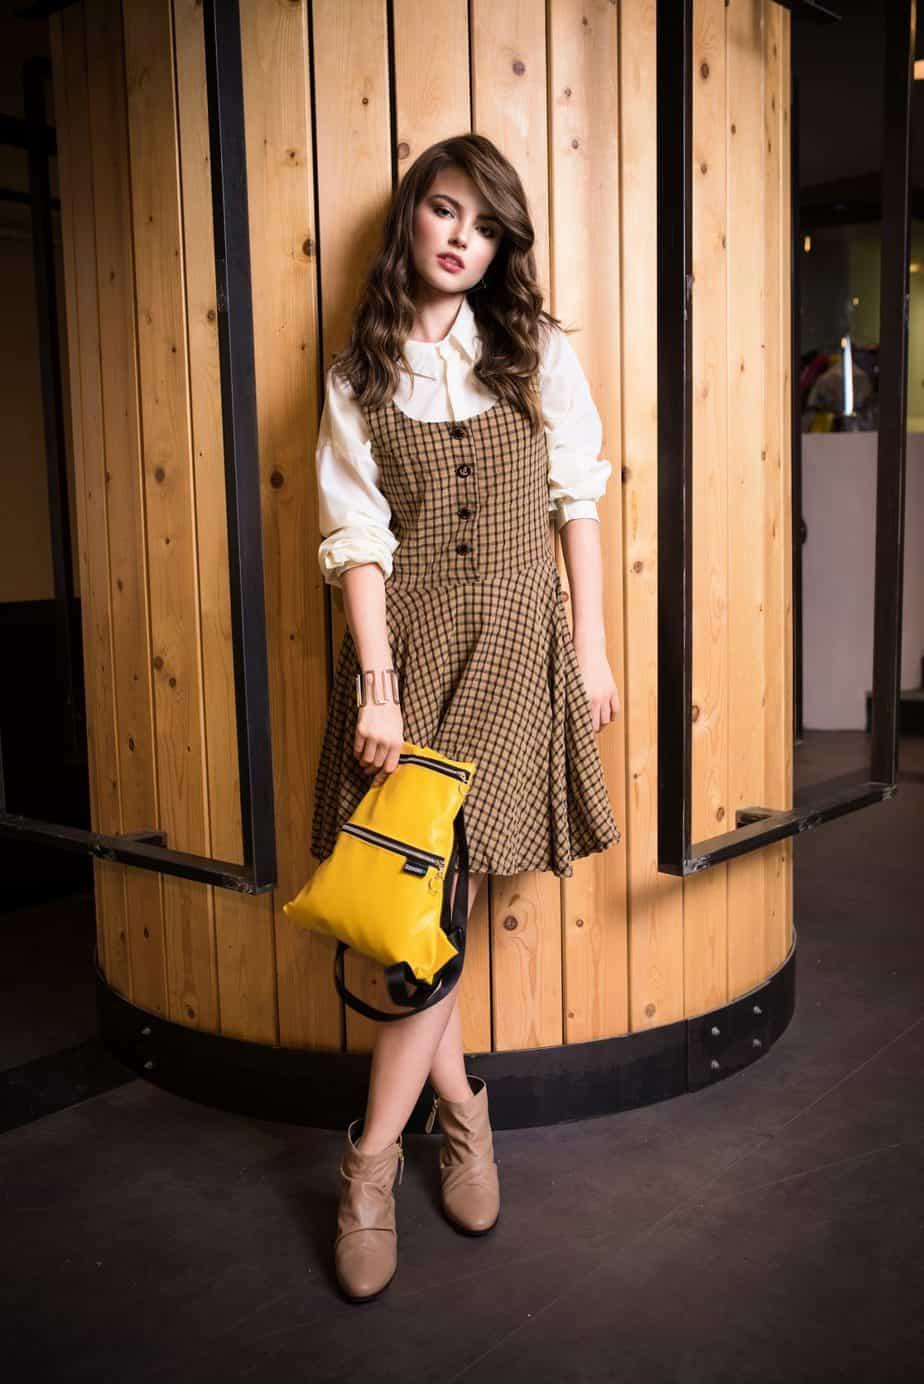 אאוטלט גילדת המעצבים דיזנגוף סנטרֹ_ מחיר מעיל 450שח מחיר שמלה 200שח צילום מני פל (2)